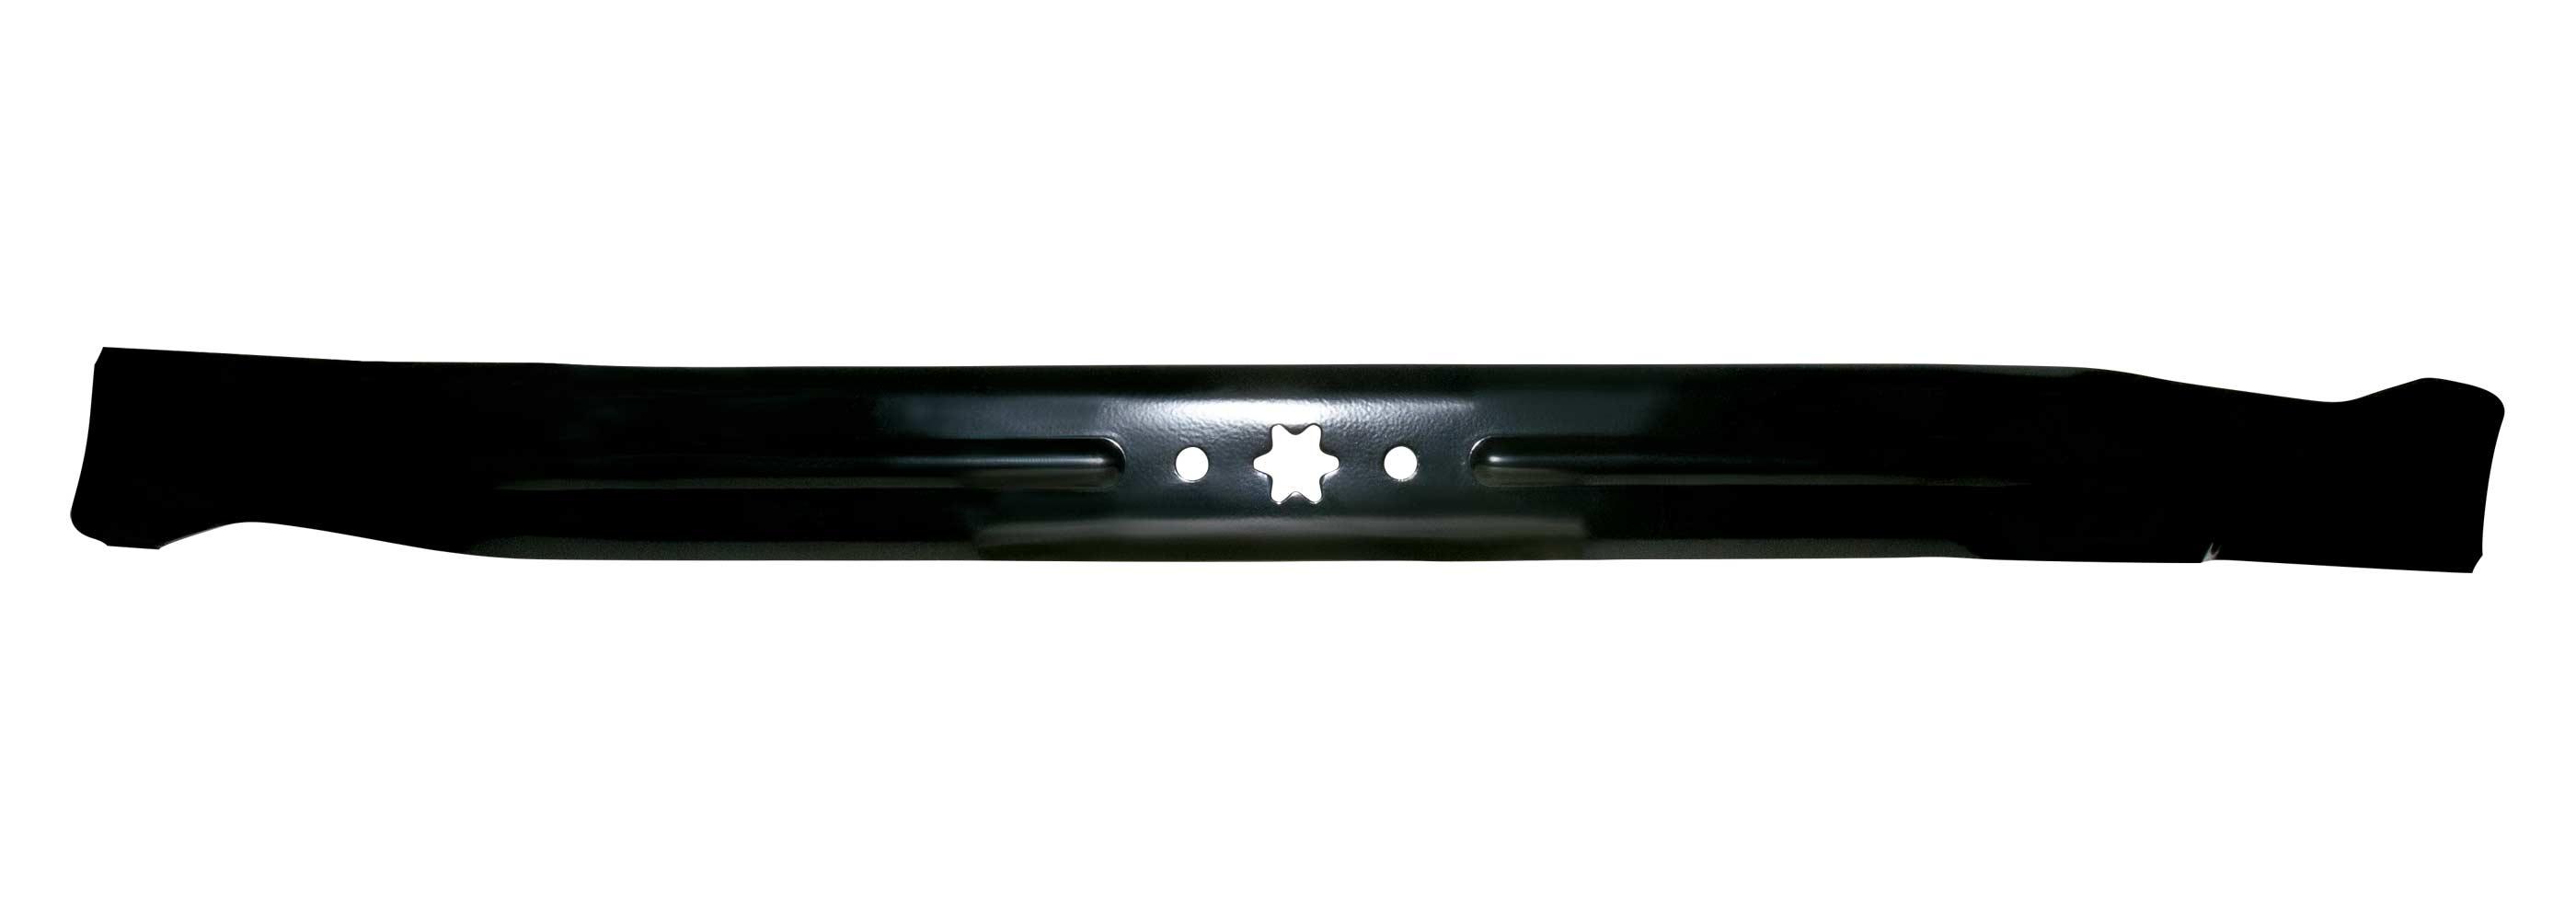 MTD Ersatzmesser für Optima Minirider 76 SDE 76cm Bild 1